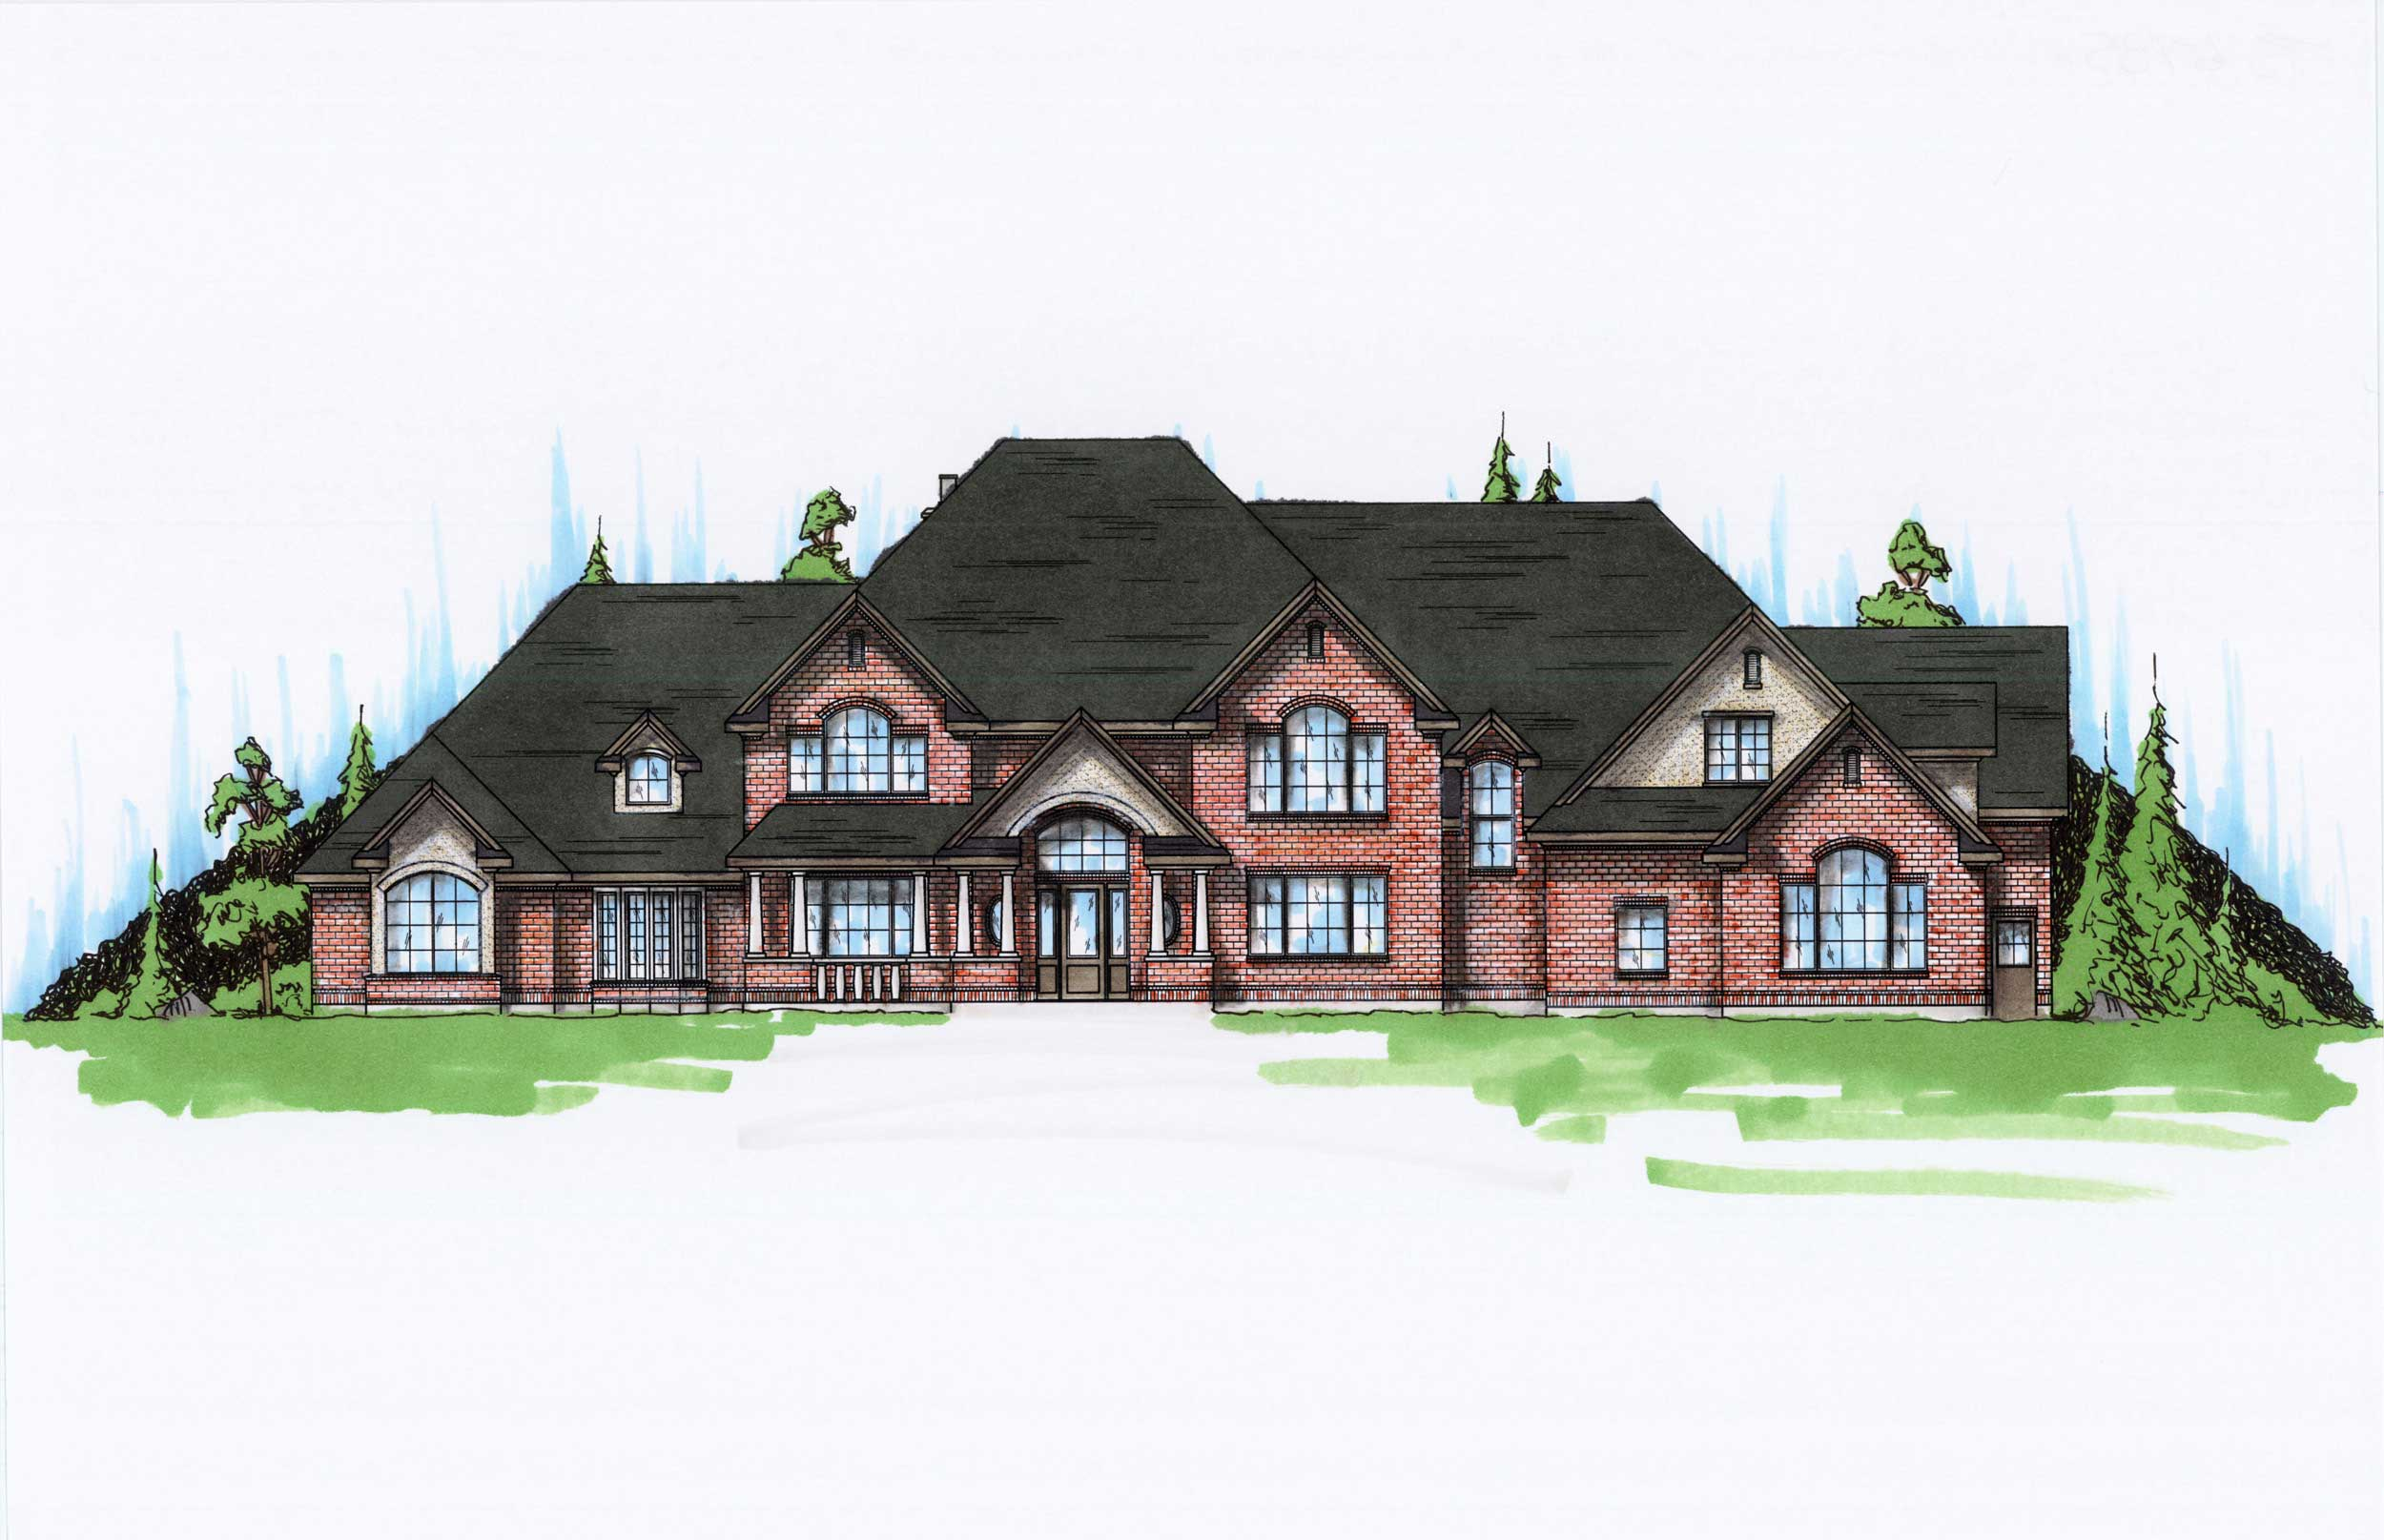 Farmhouse Home Plan 7 Bedrms 45 Baths 6785 Sq Ft